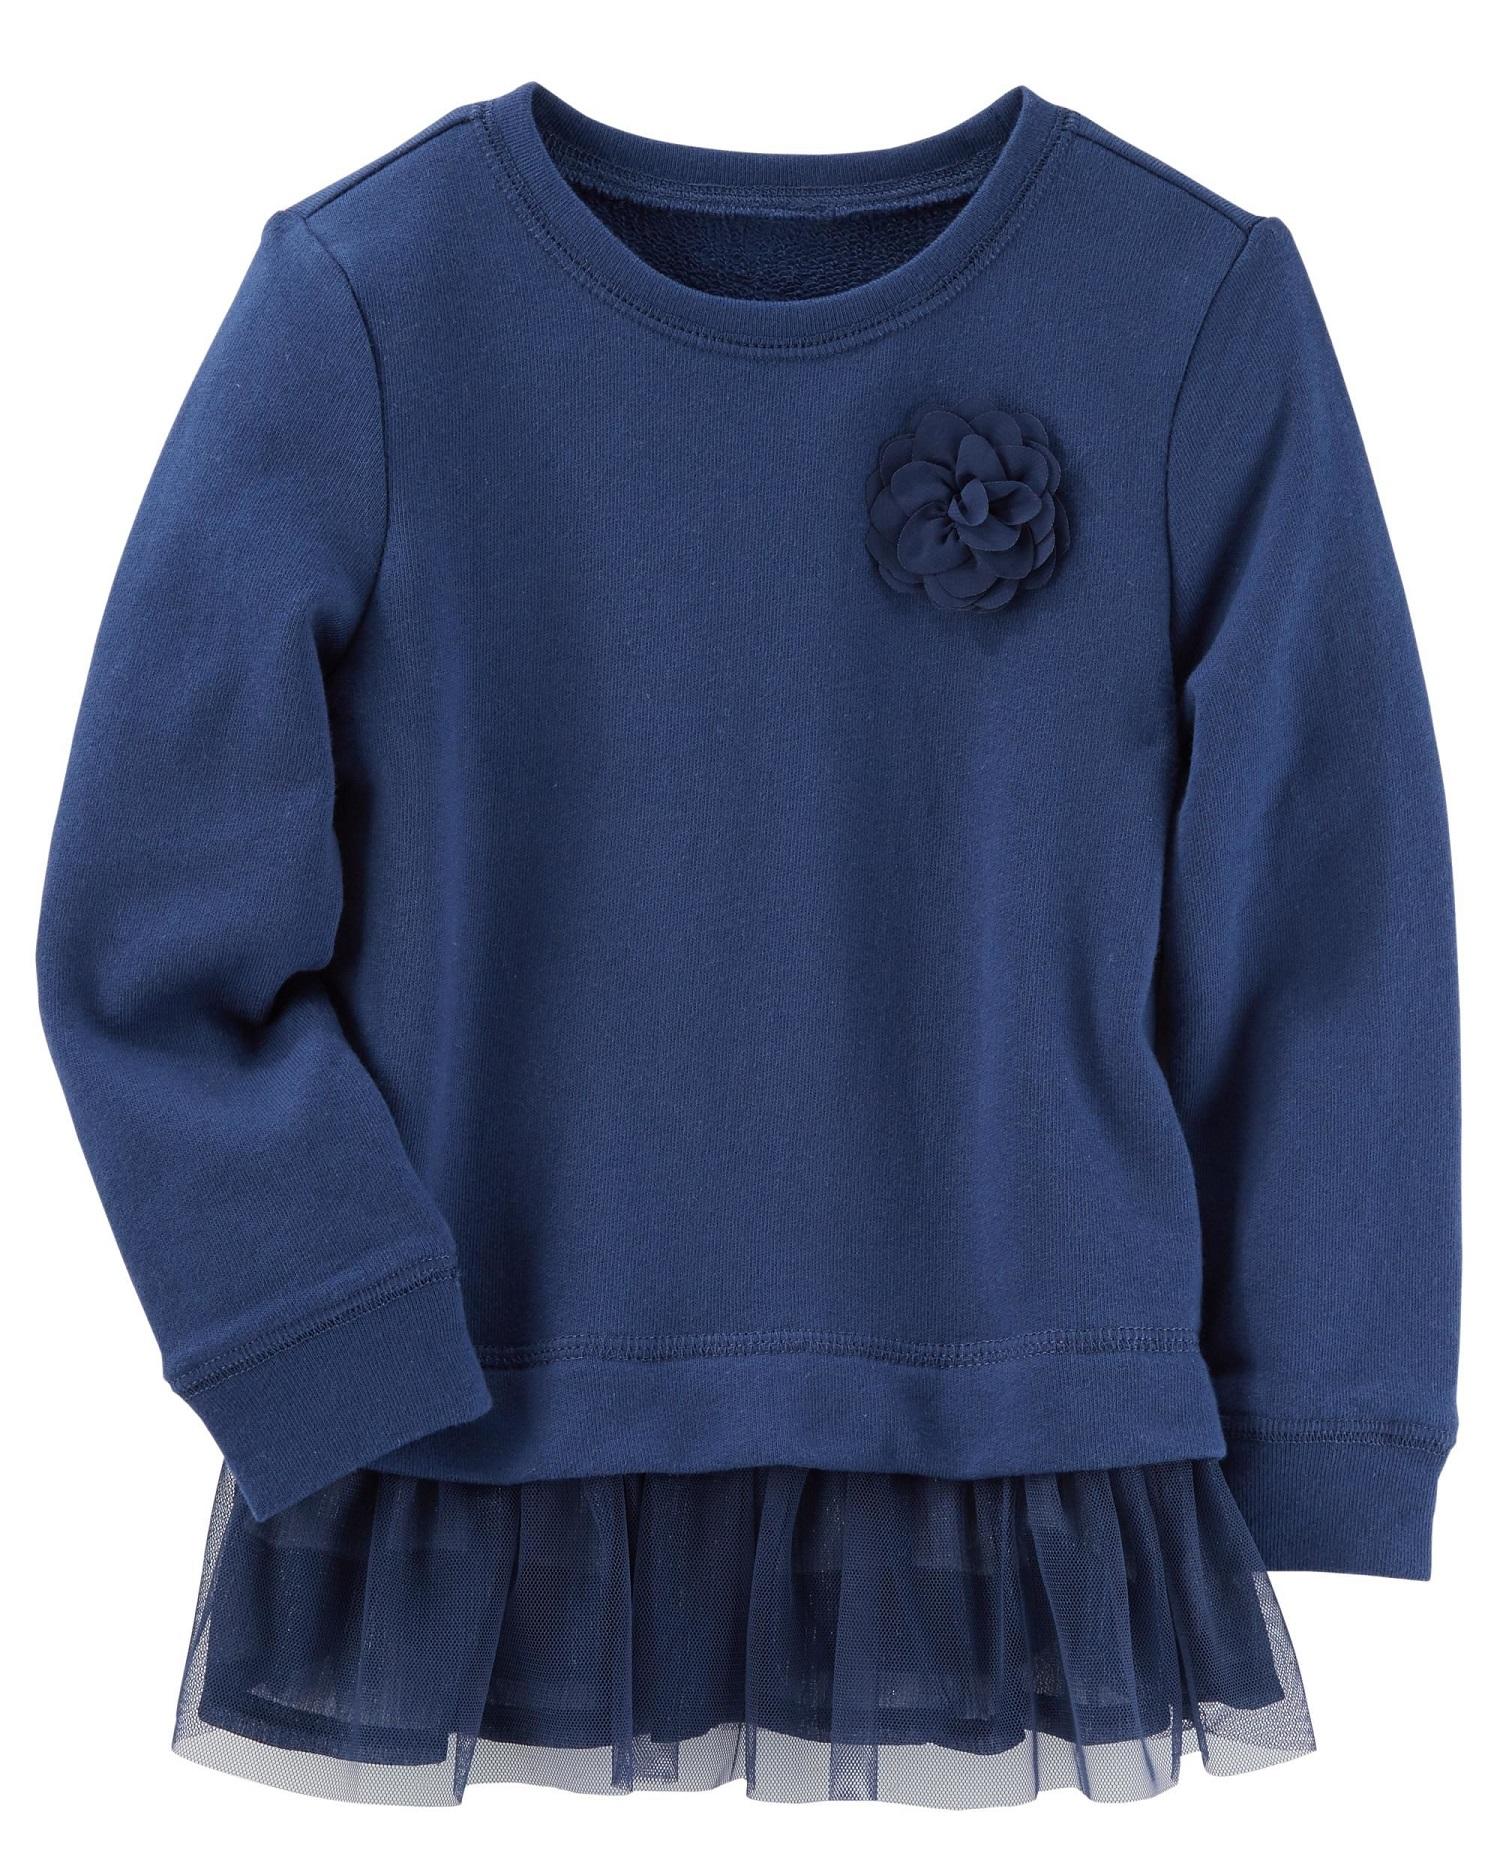 Carter's Little Girls' Rosette Peplum Top, Navy, 4-Toddler